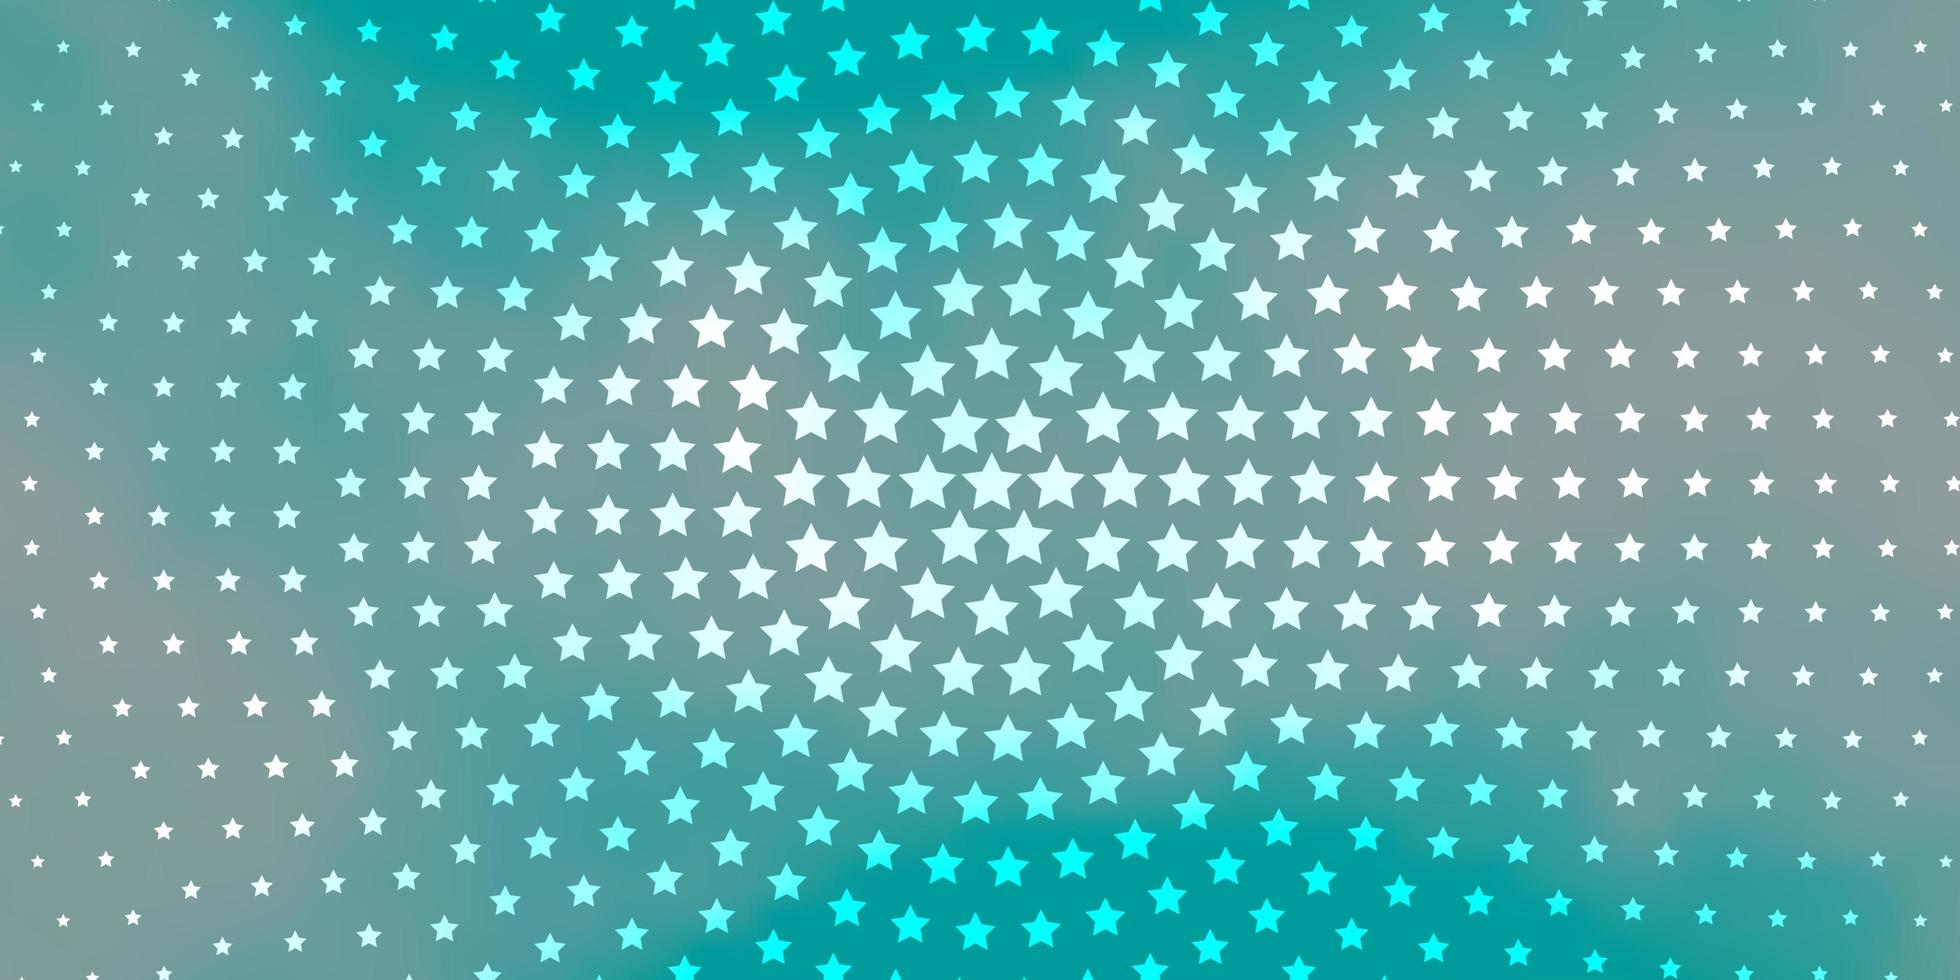 fundo azul com estrelas coloridas. vetor